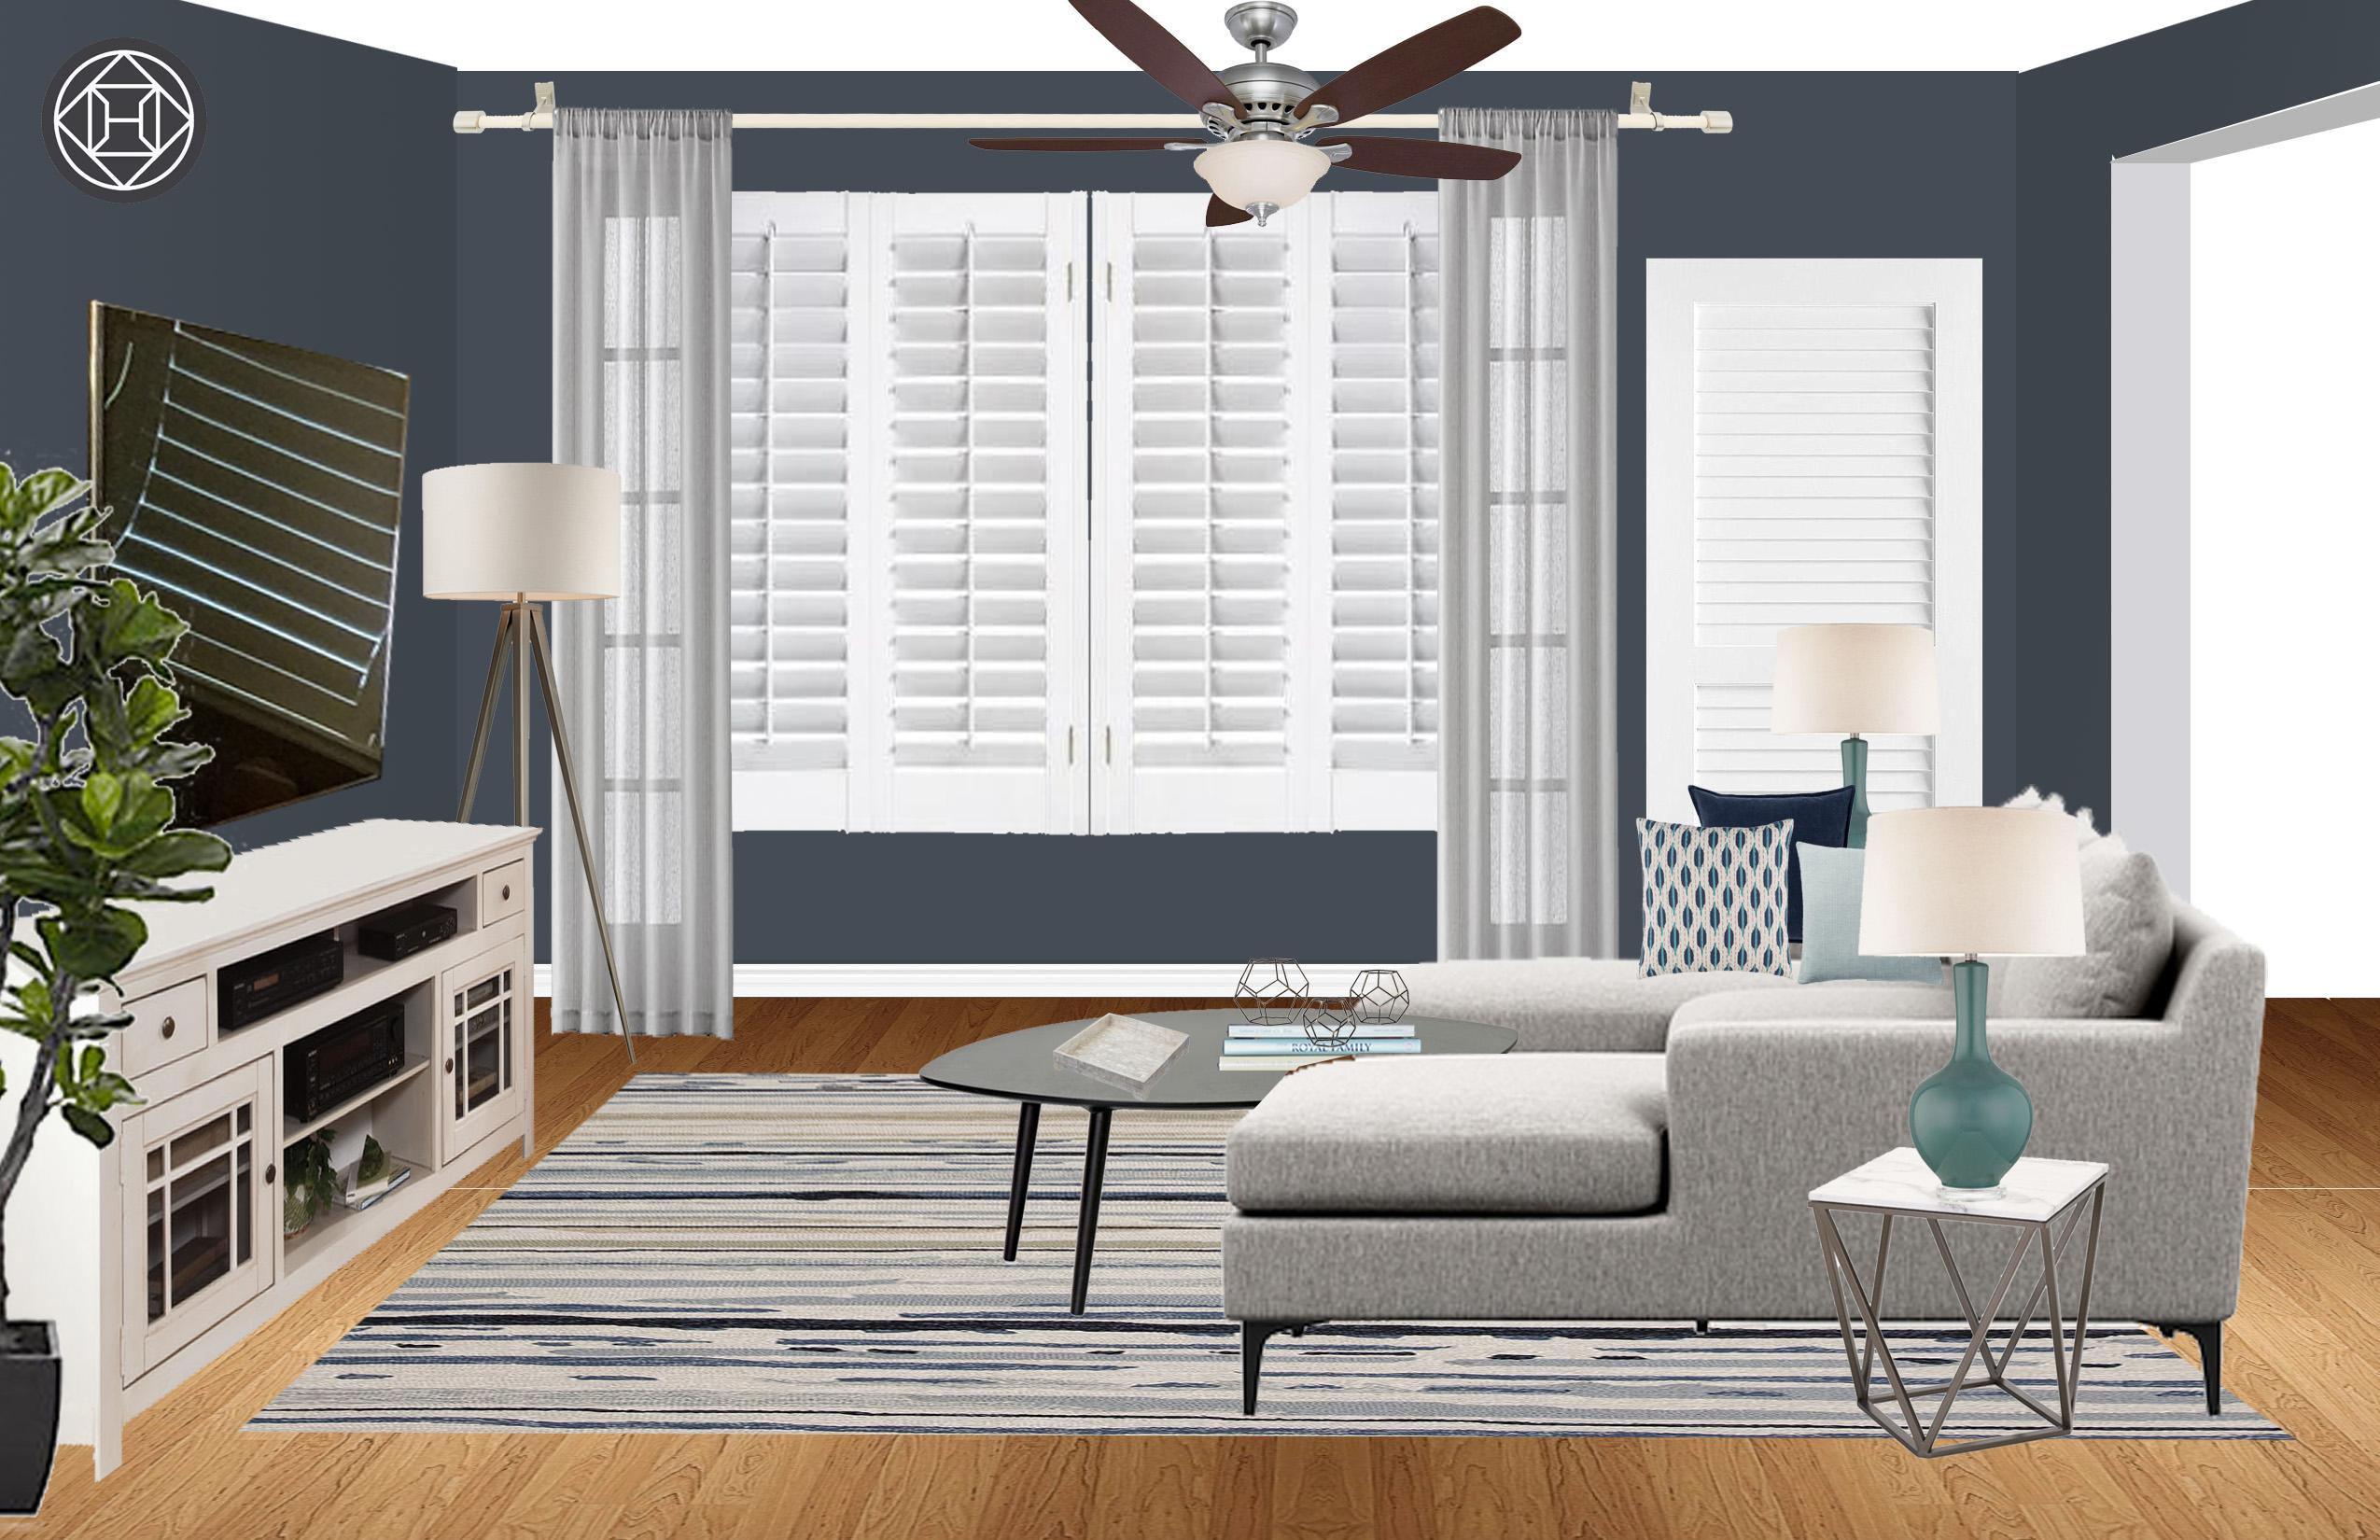 Bedroom Design By Havenly Interior Designer Lauren